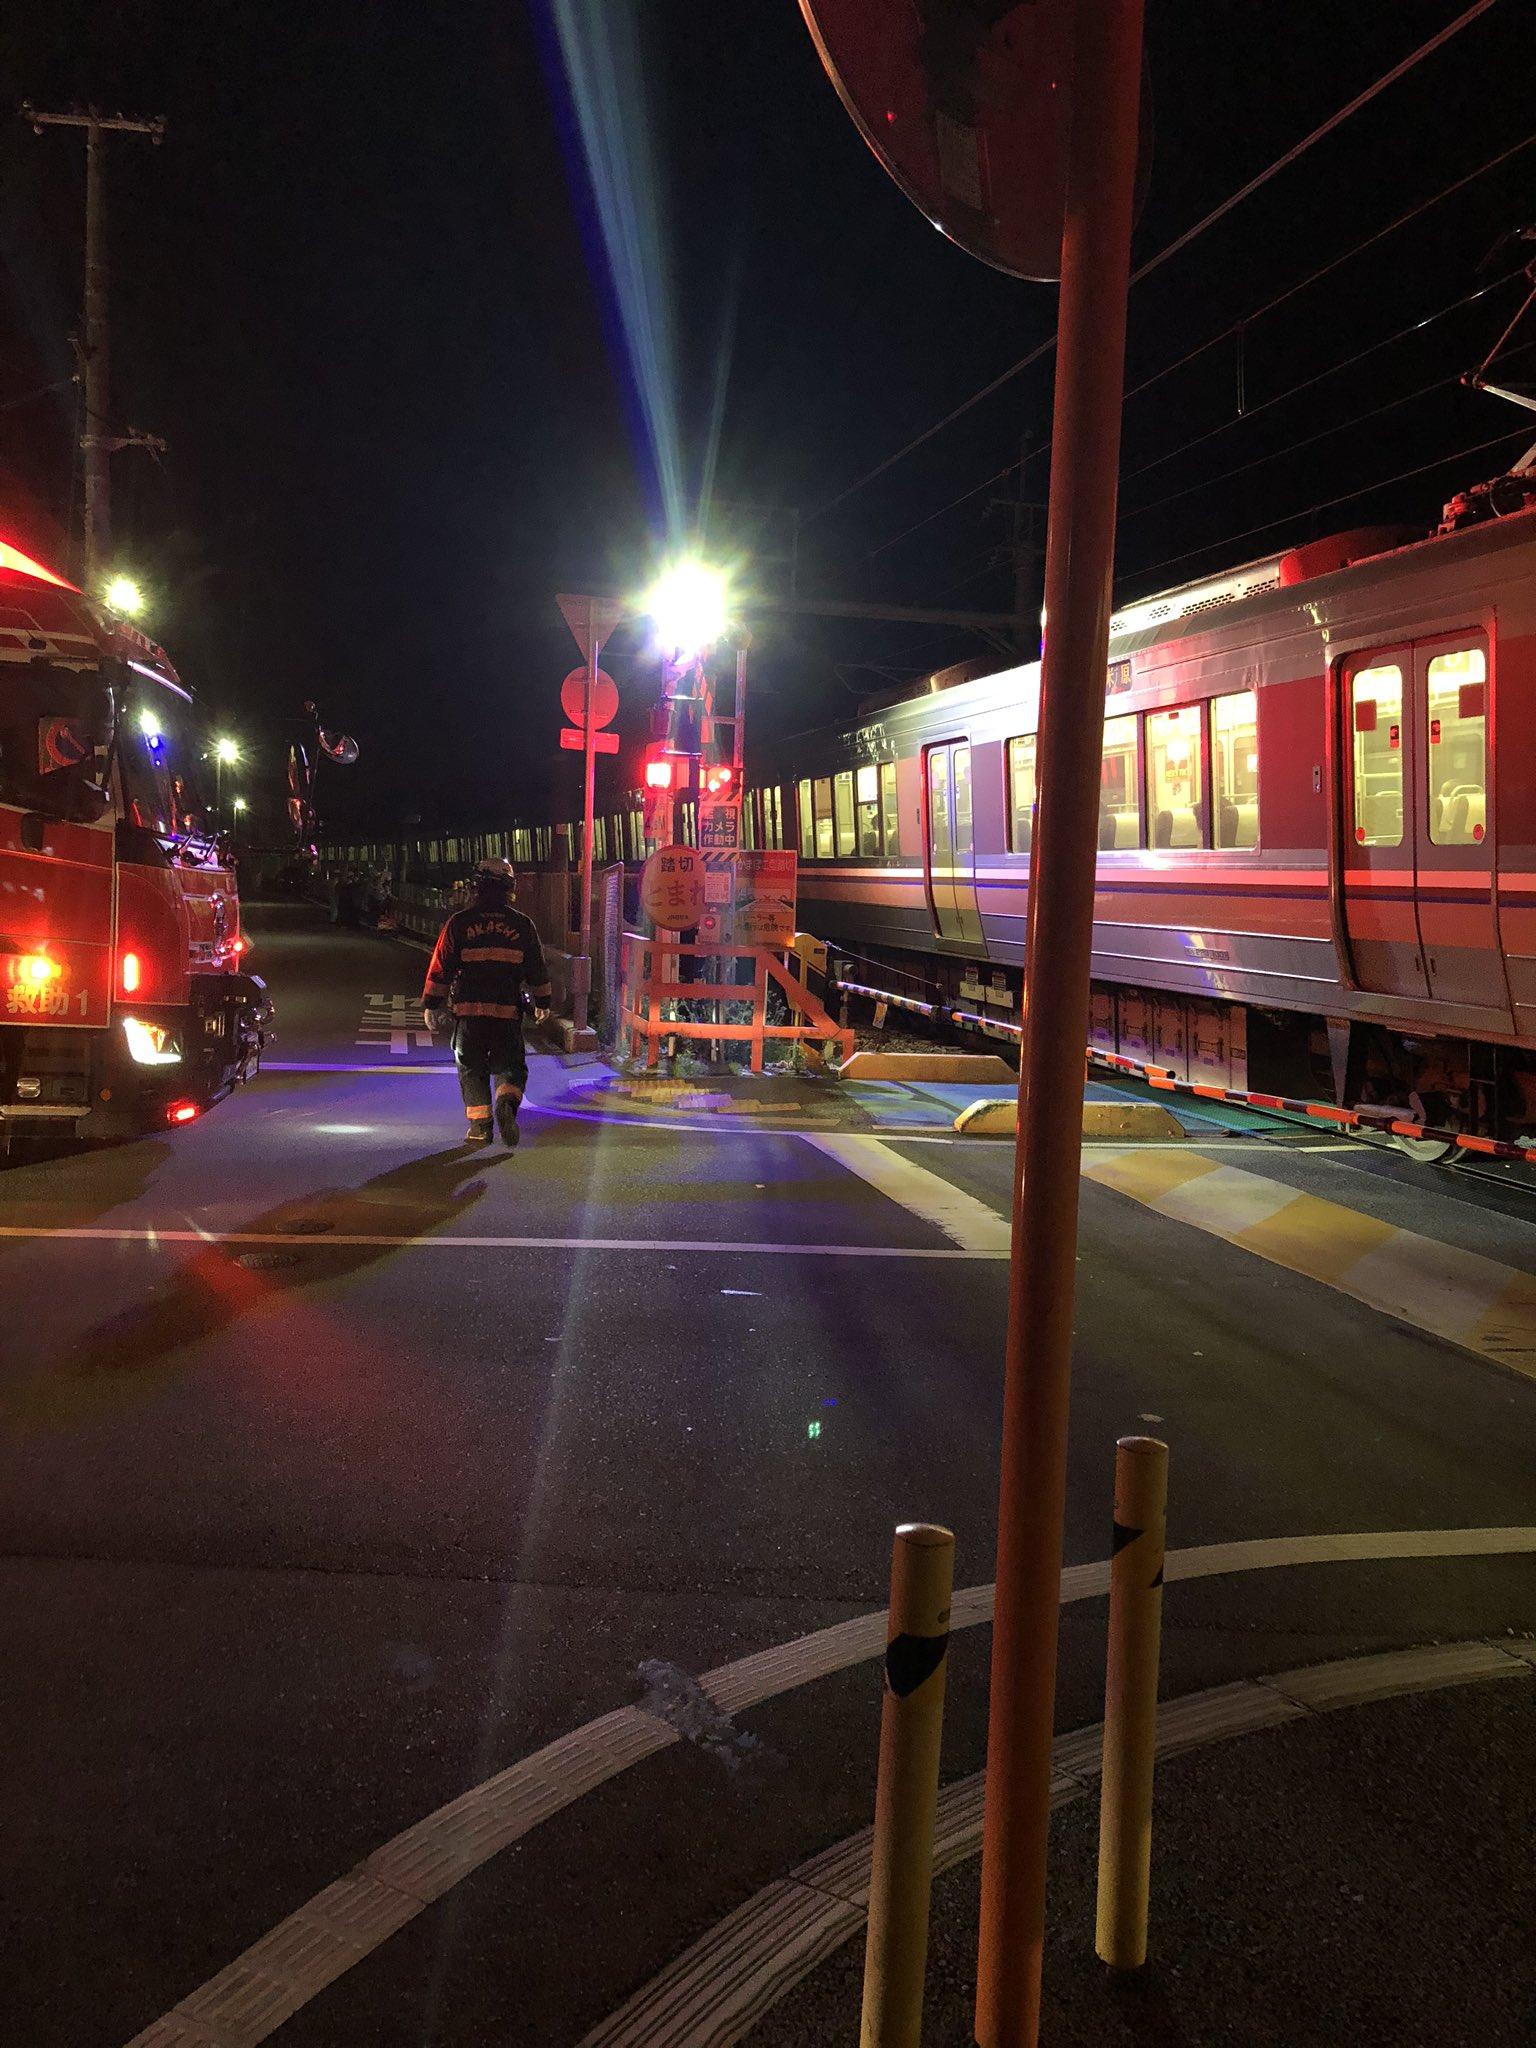 神戸線の人身事故で電車が運転を見合わせている画像